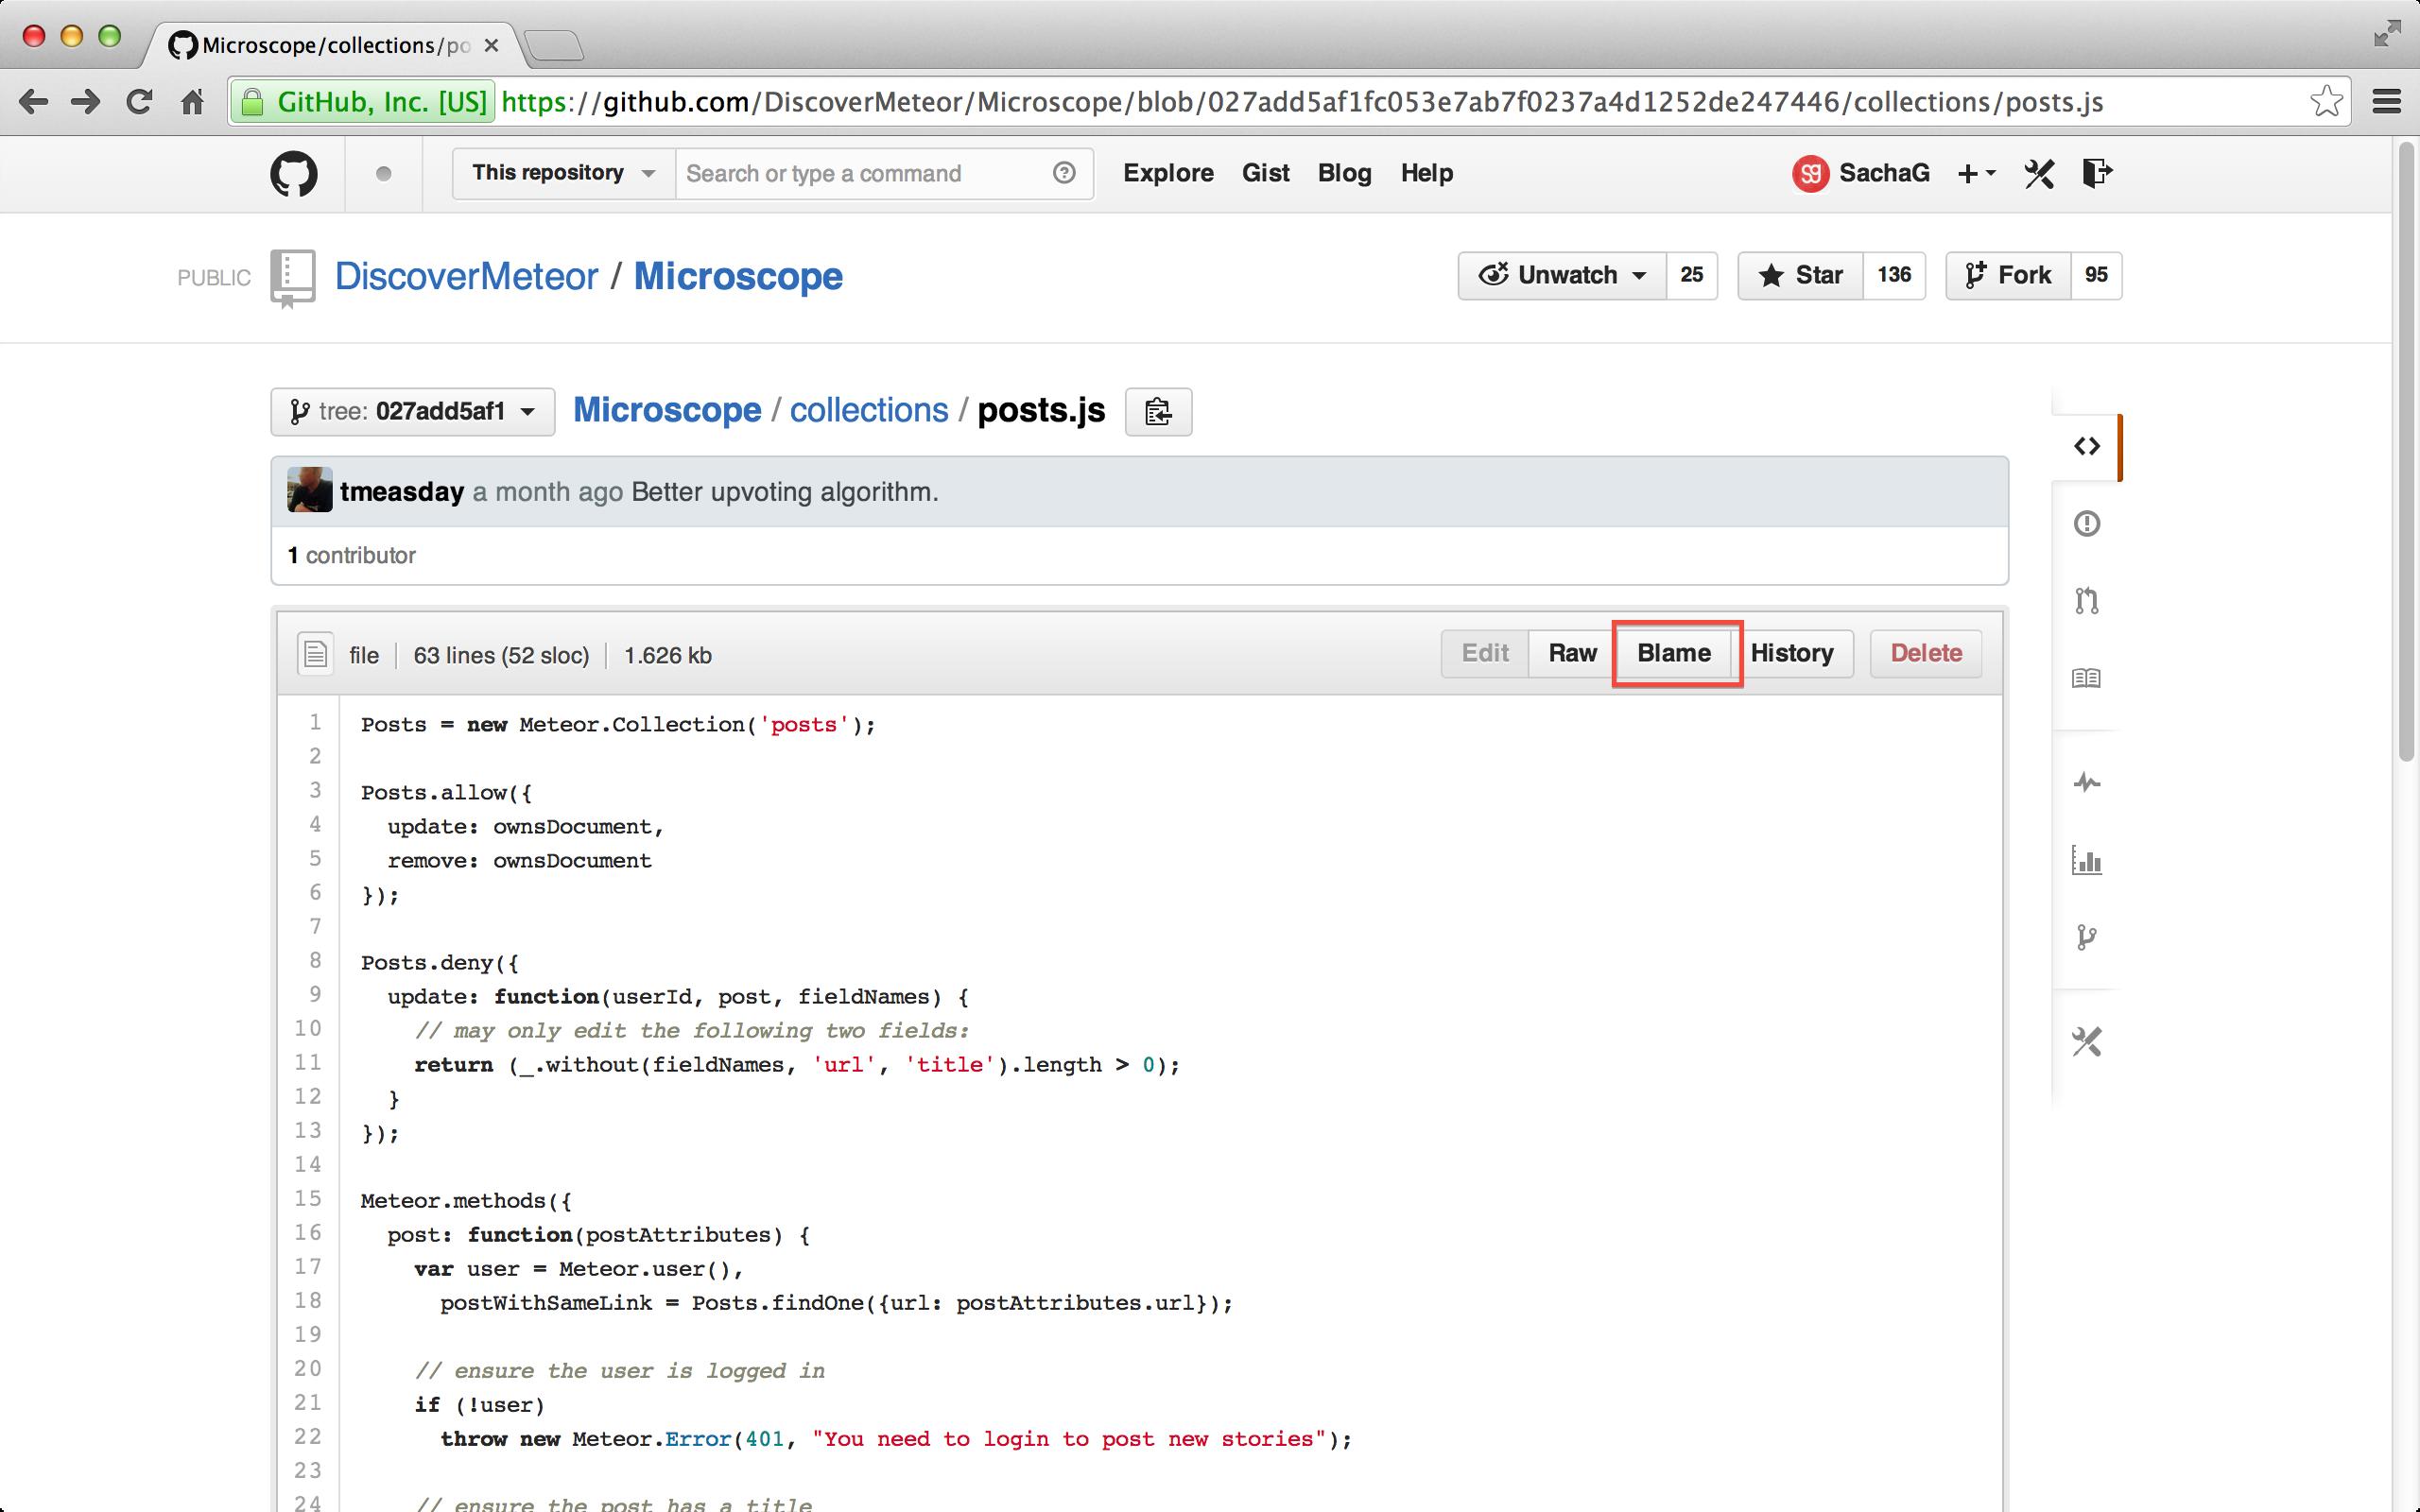 Przycisk Blame w GitHub.